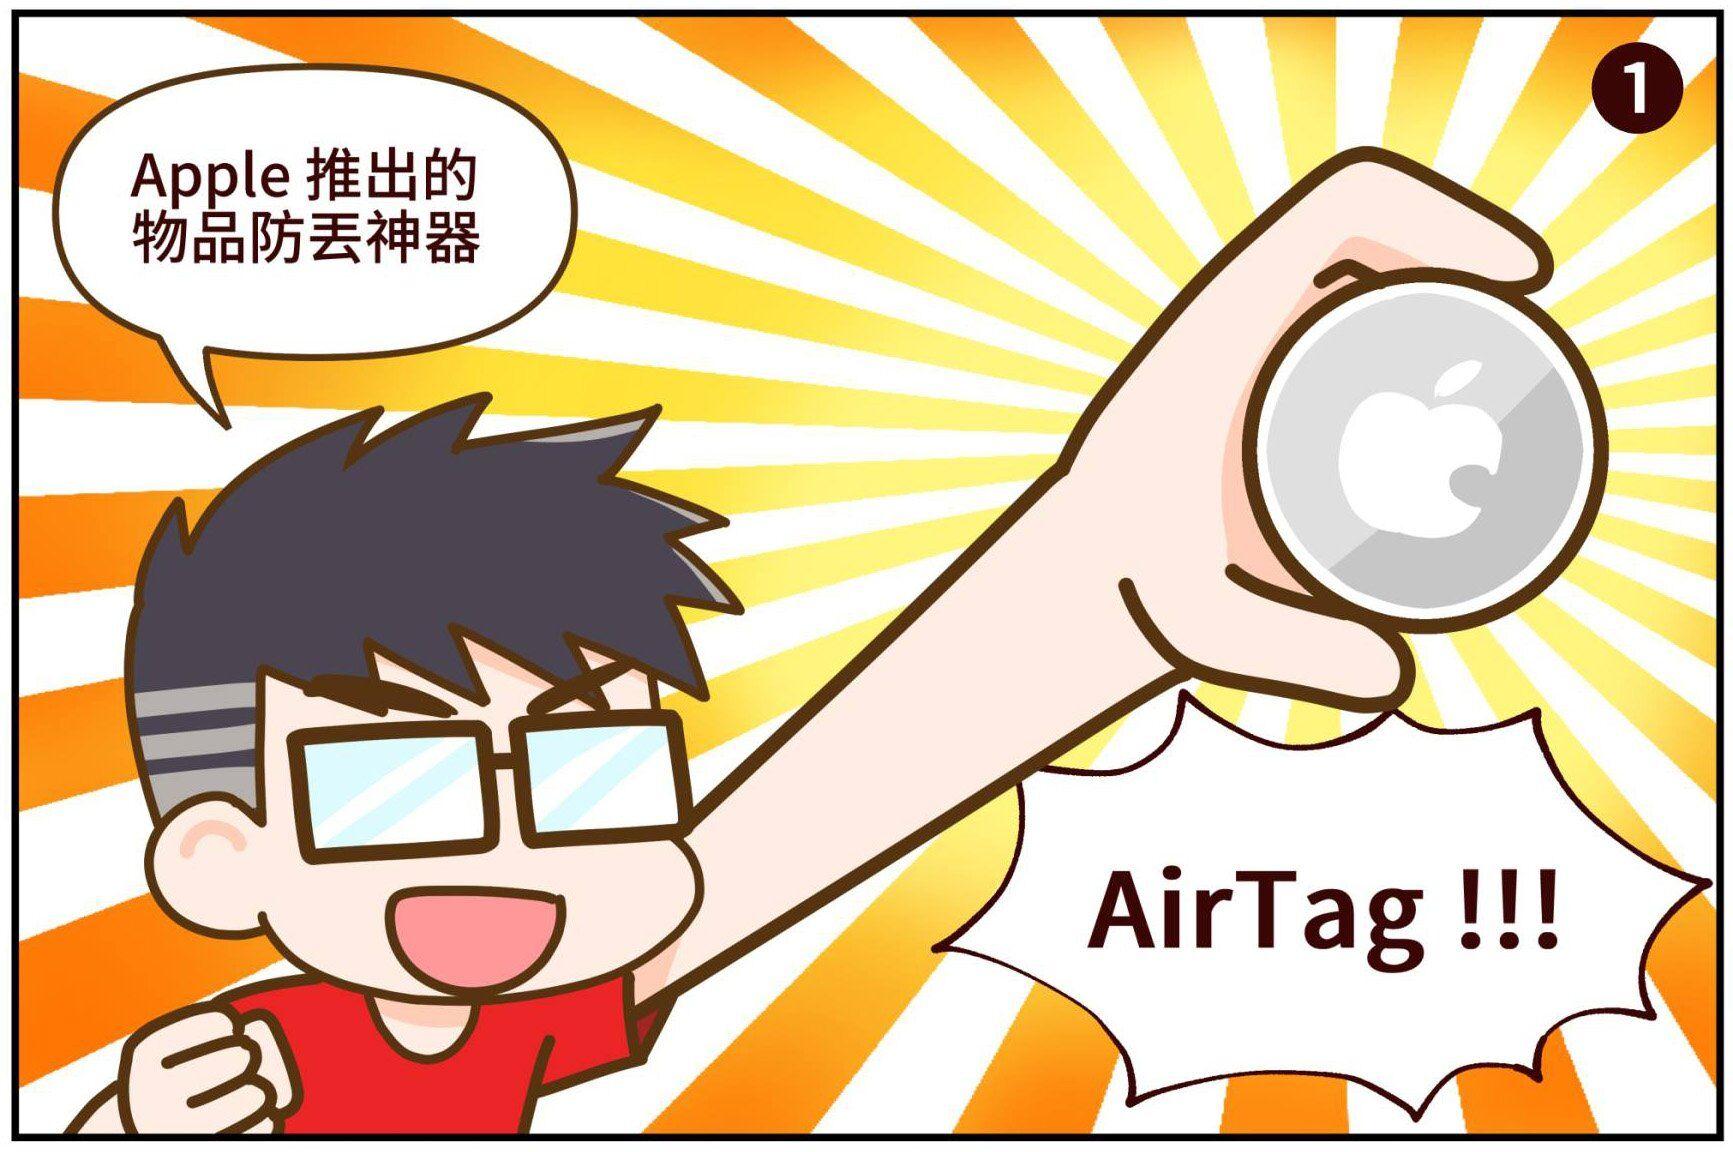 [漫畫] [影片] 最強尋物神器 AirTag 開箱+配件+優缺點分析 @3C 達人廖阿輝